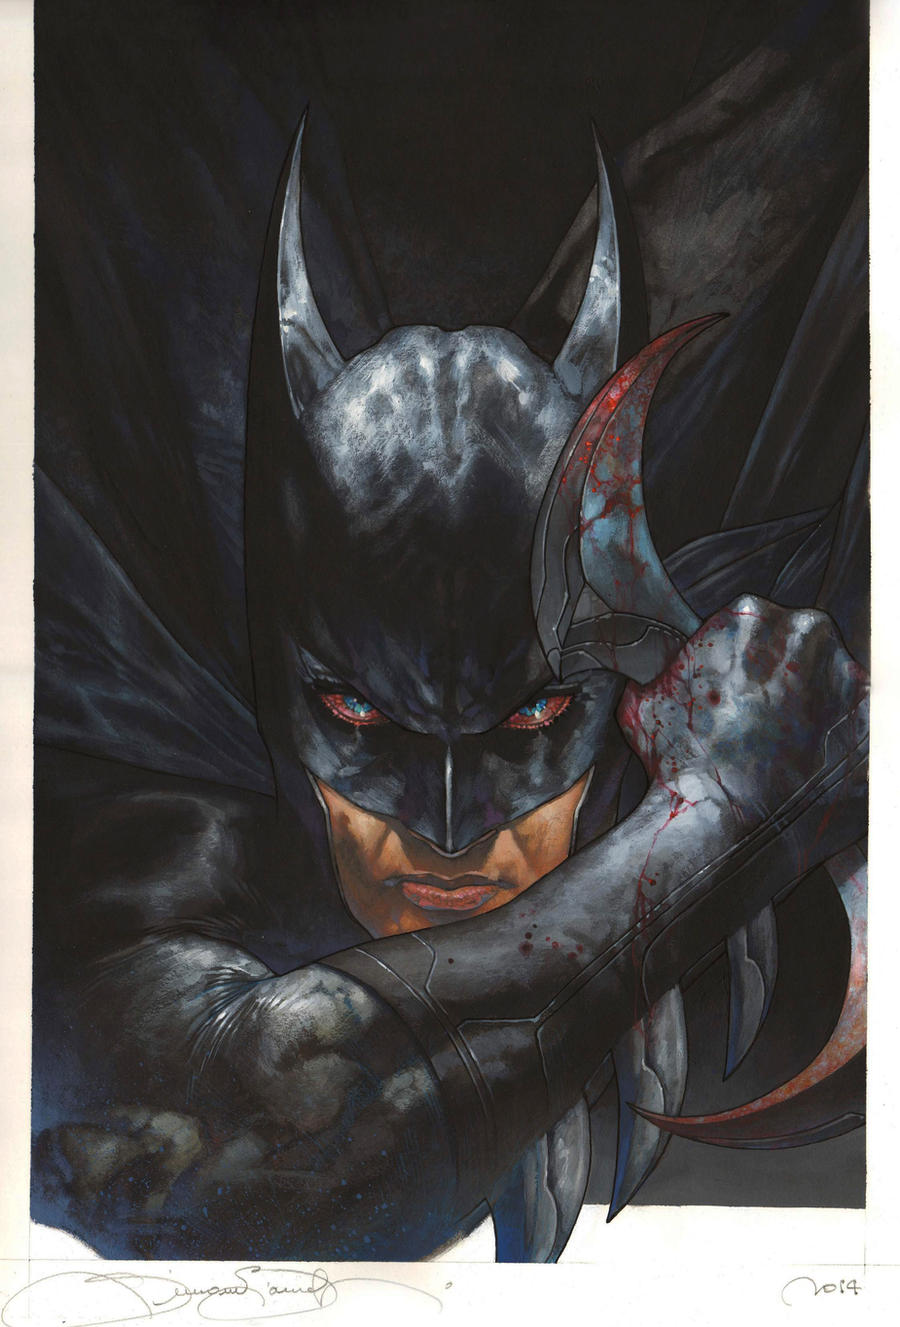 Batman full color SDCC commission by simonebianchi